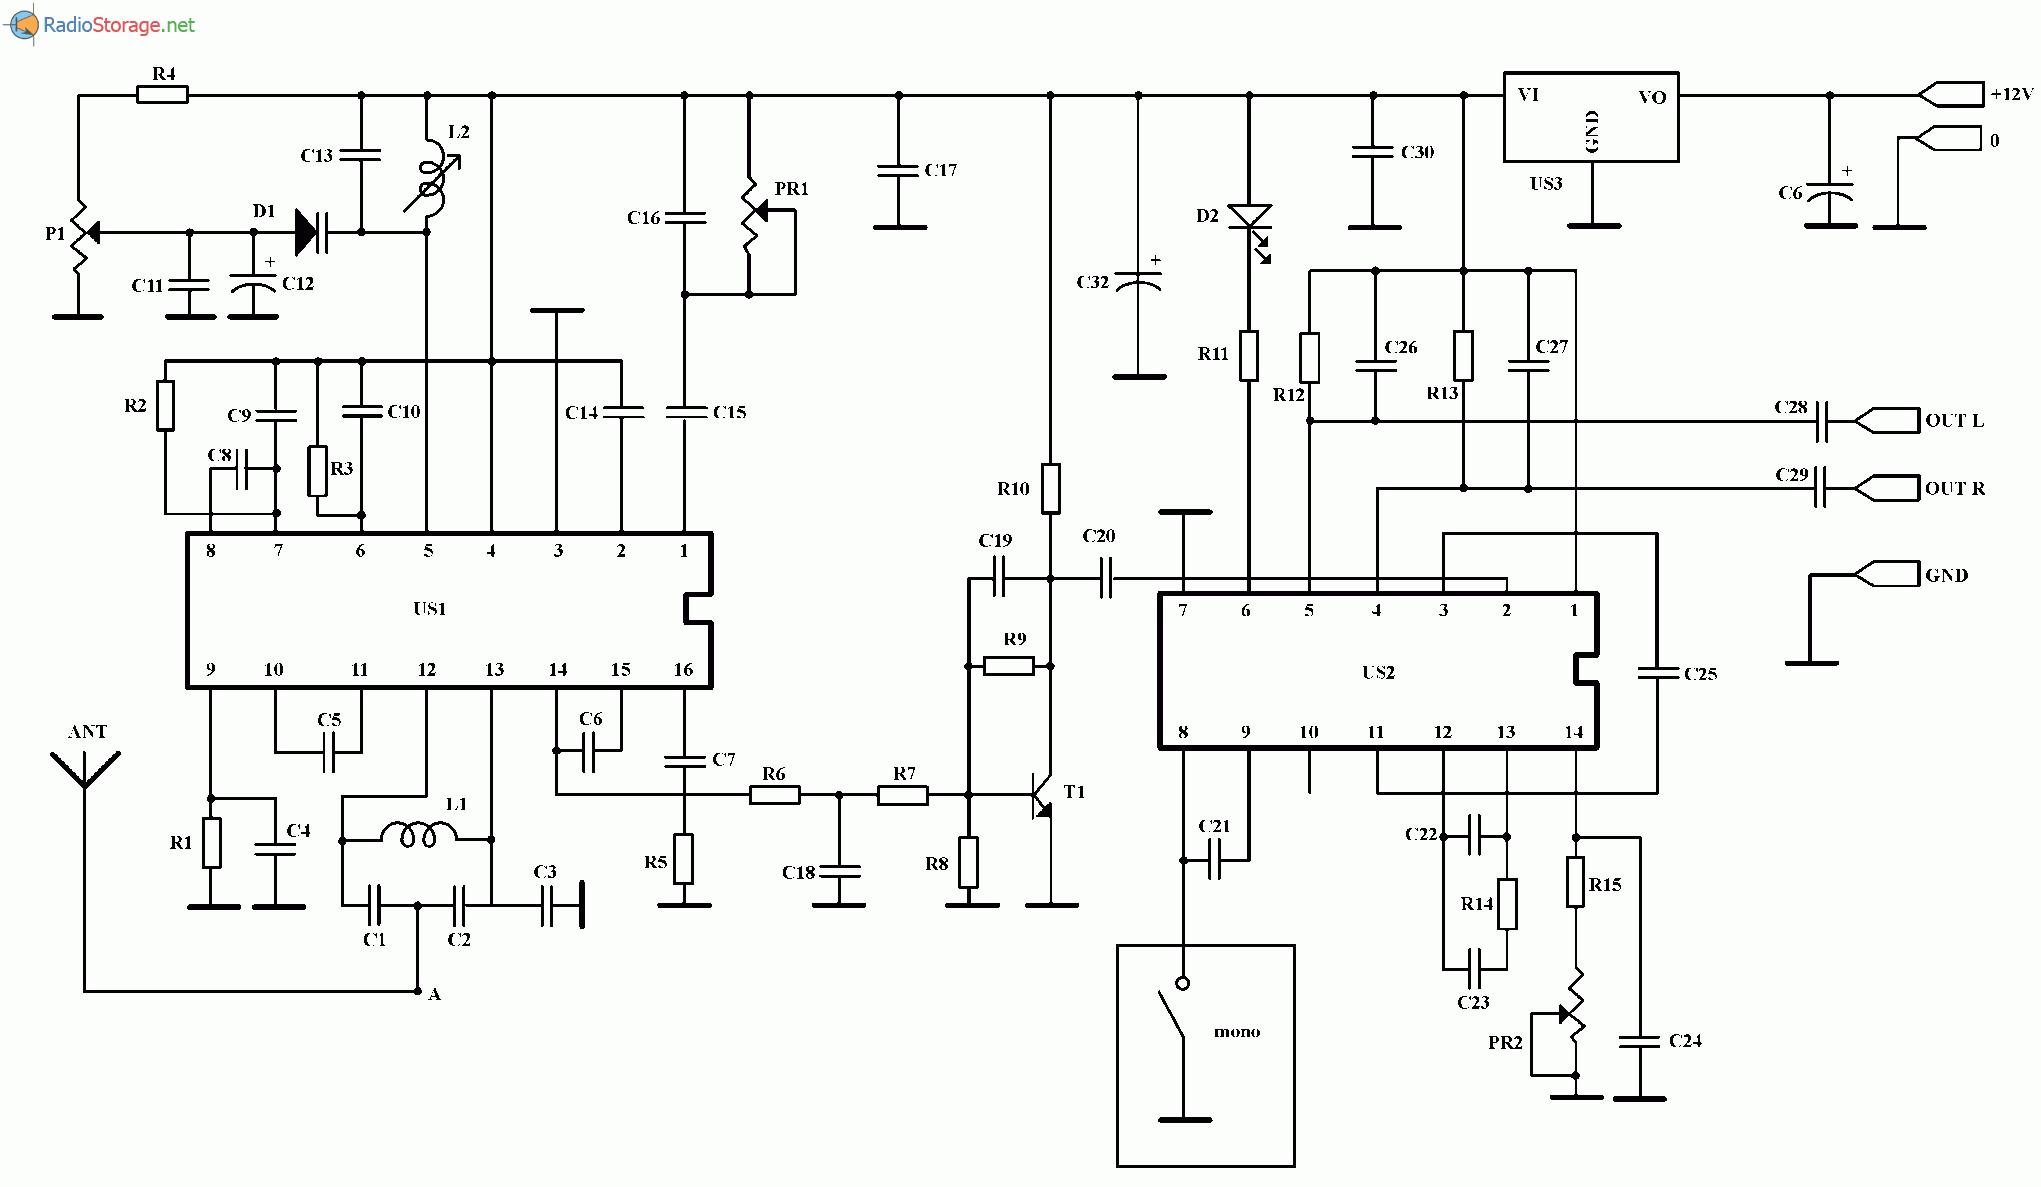 УКВ стерео тюнер на микросхемах TDA7020, МС1310, схема